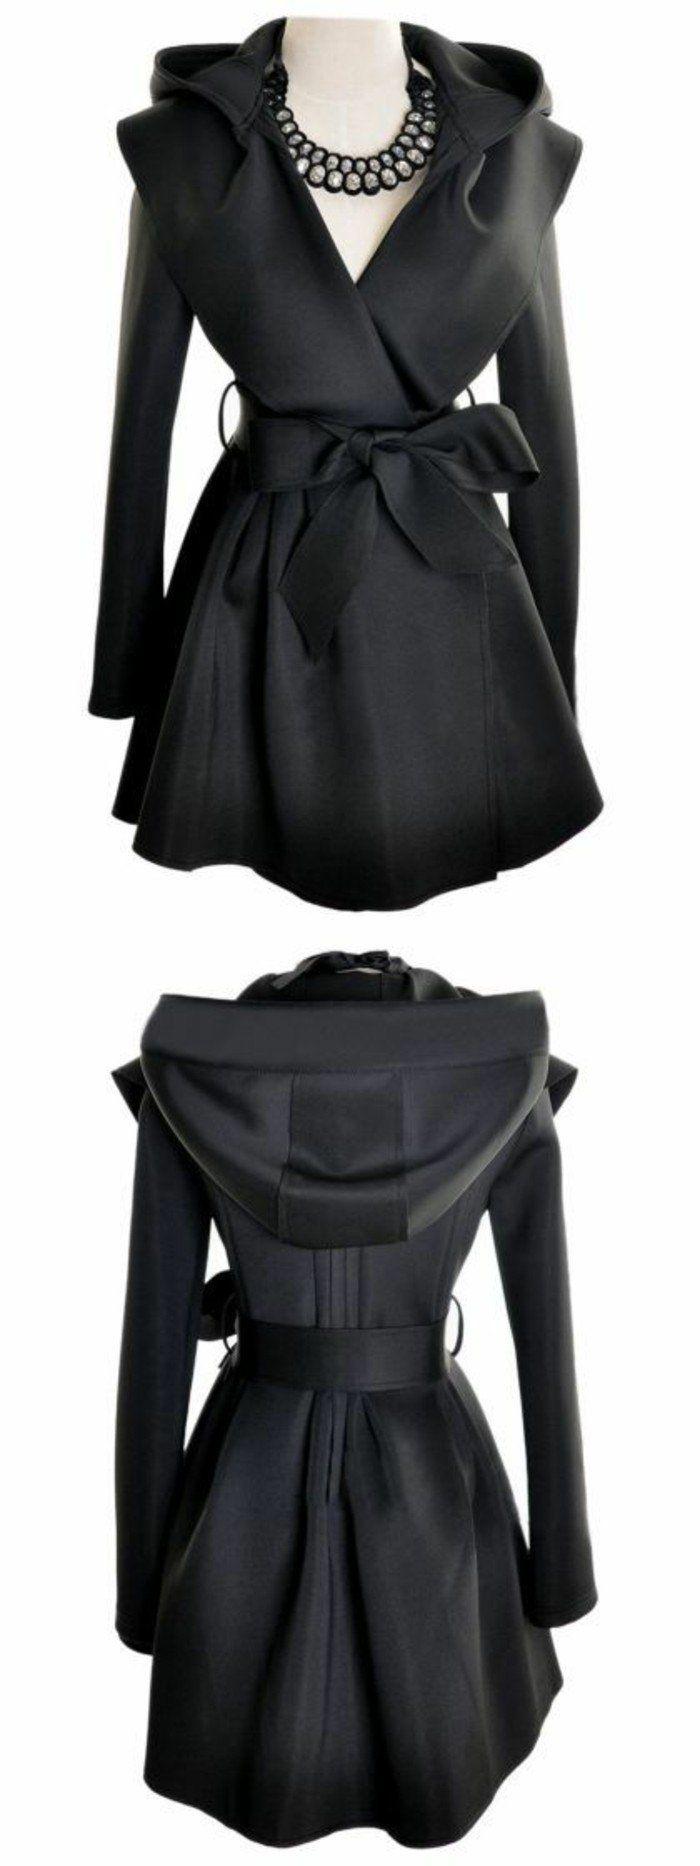 trench noir femme style baroque avec grande capuche